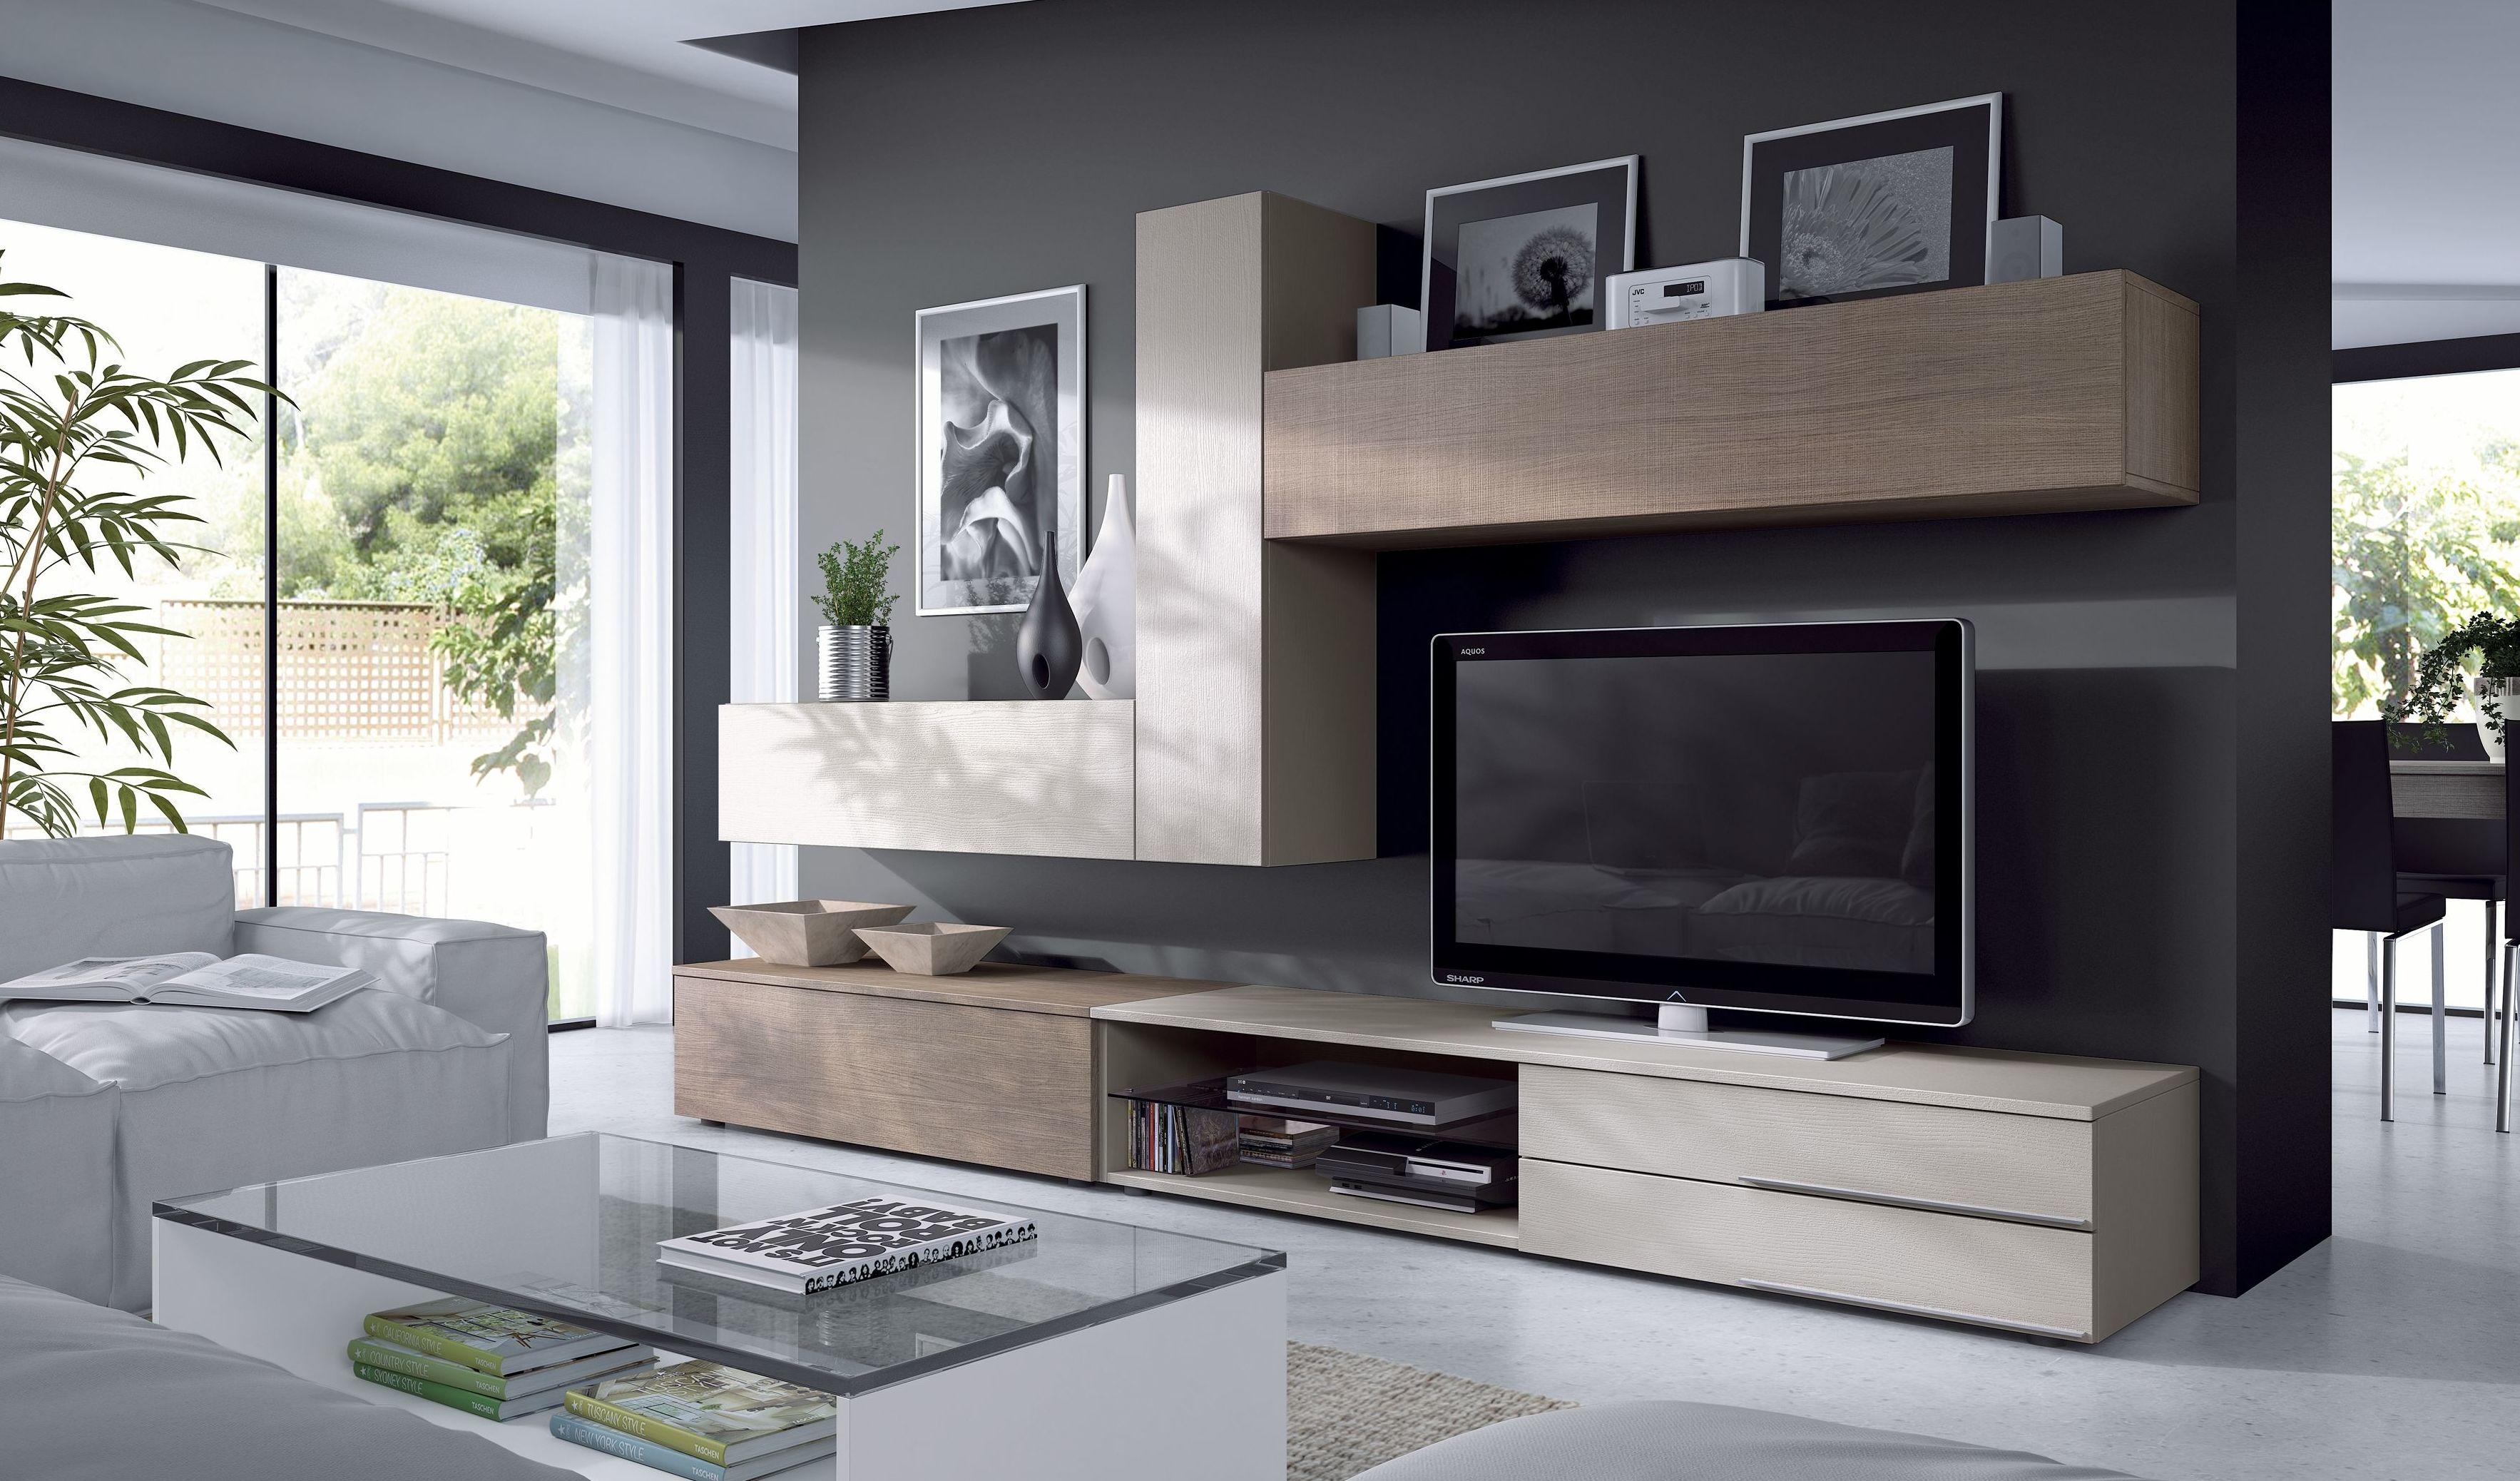 Salones catalogo rosamor cat logo de muebles y sof s de for Muebles y complementos